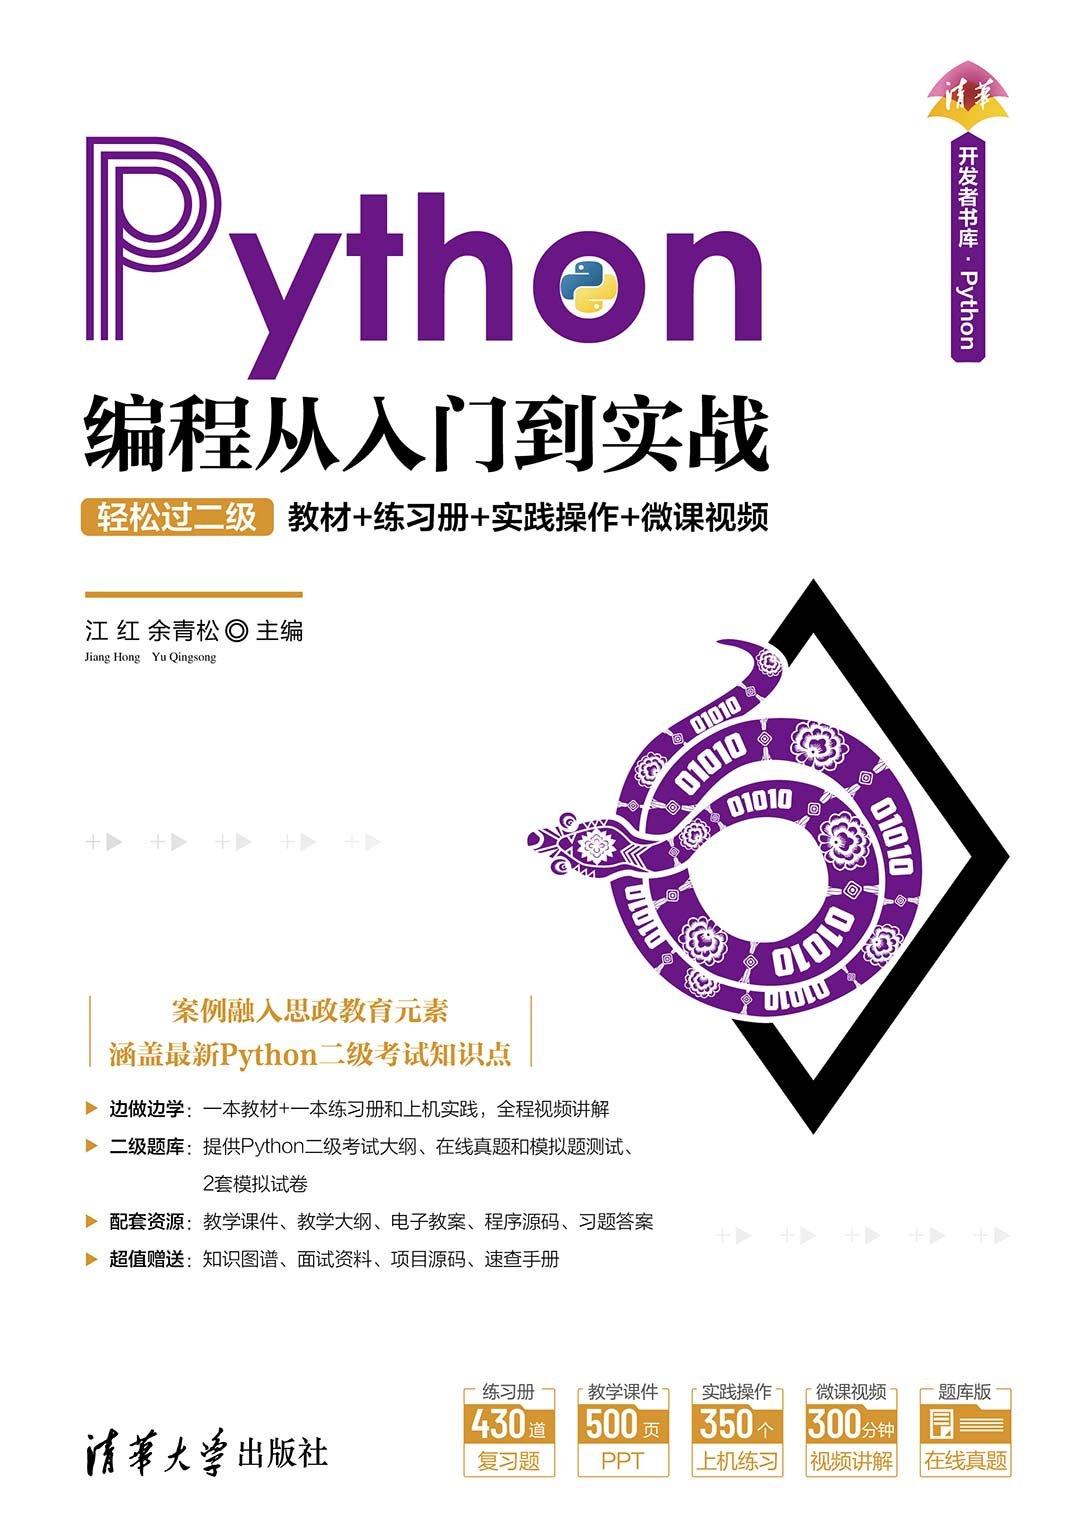 Python編程從入門到實戰-輕松過二級-preview-1